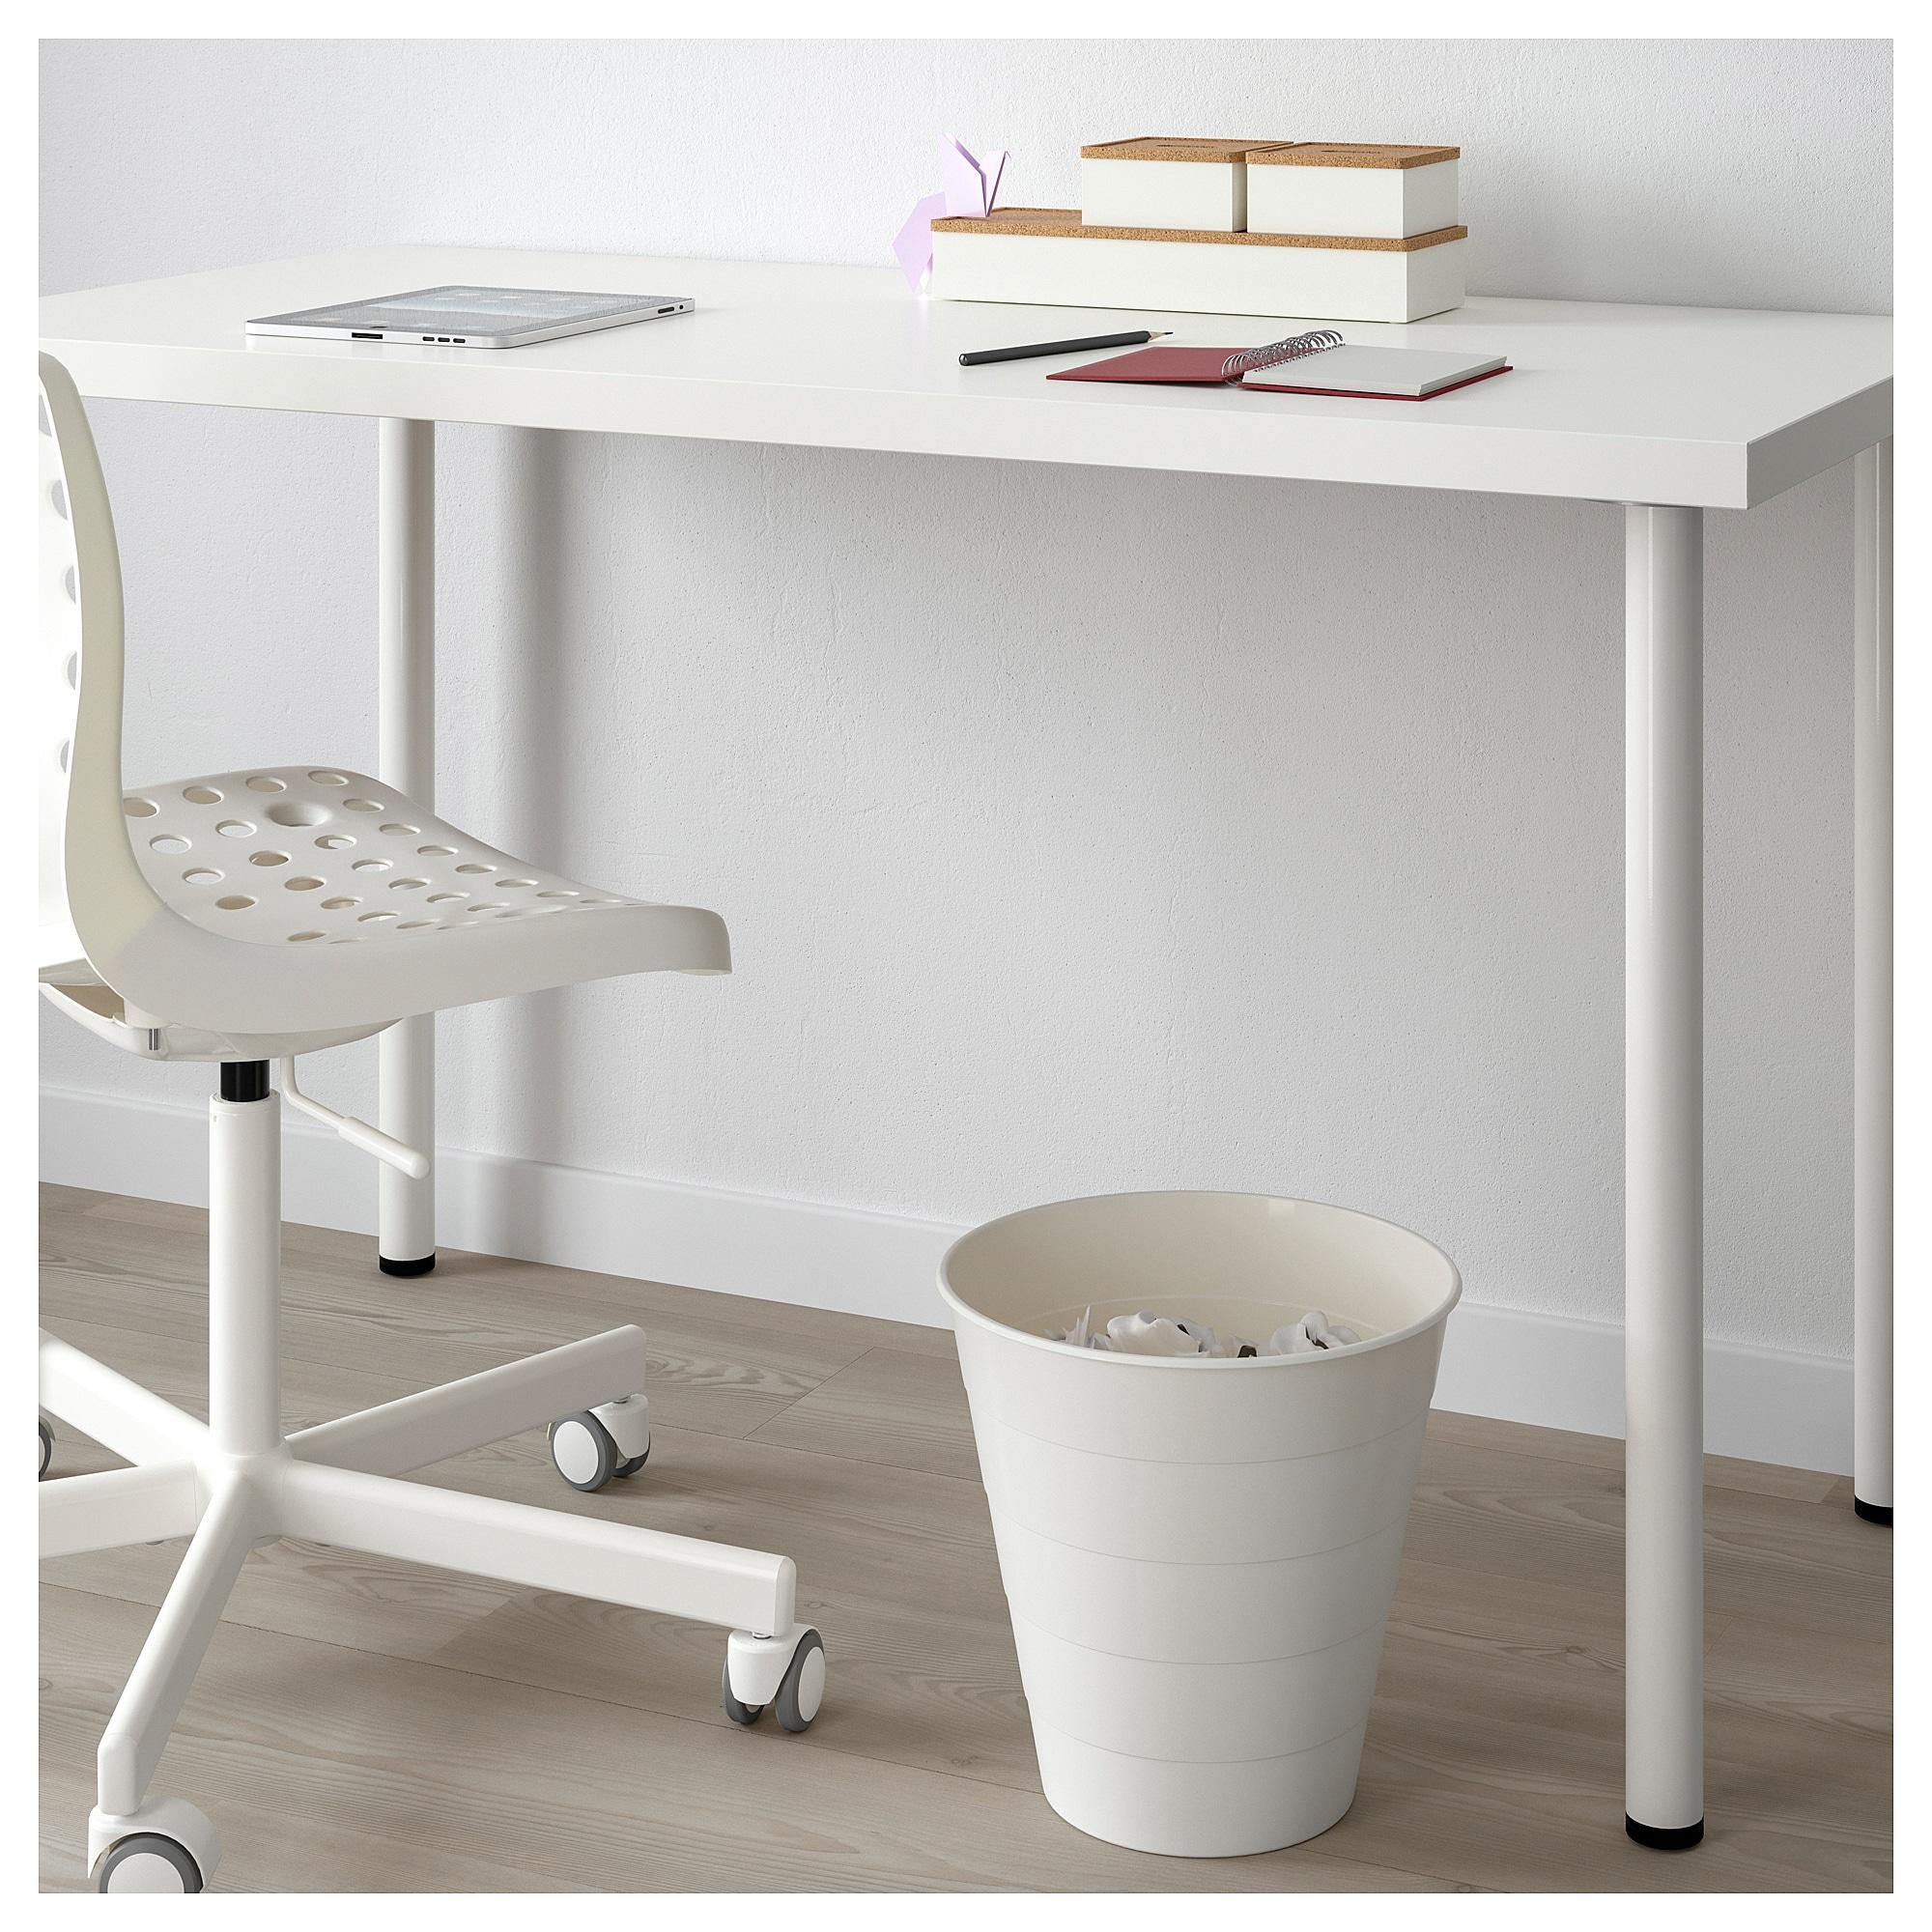 Full Size of Abfallbehälter Ikea Fniss Abfalleimer Papierkorb Reinigung Hygiene Mlleimer Betten 160x200 Küche Kosten Modulküche Kaufen Bei Sofa Mit Schlaffunktion Wohnzimmer Abfallbehälter Ikea